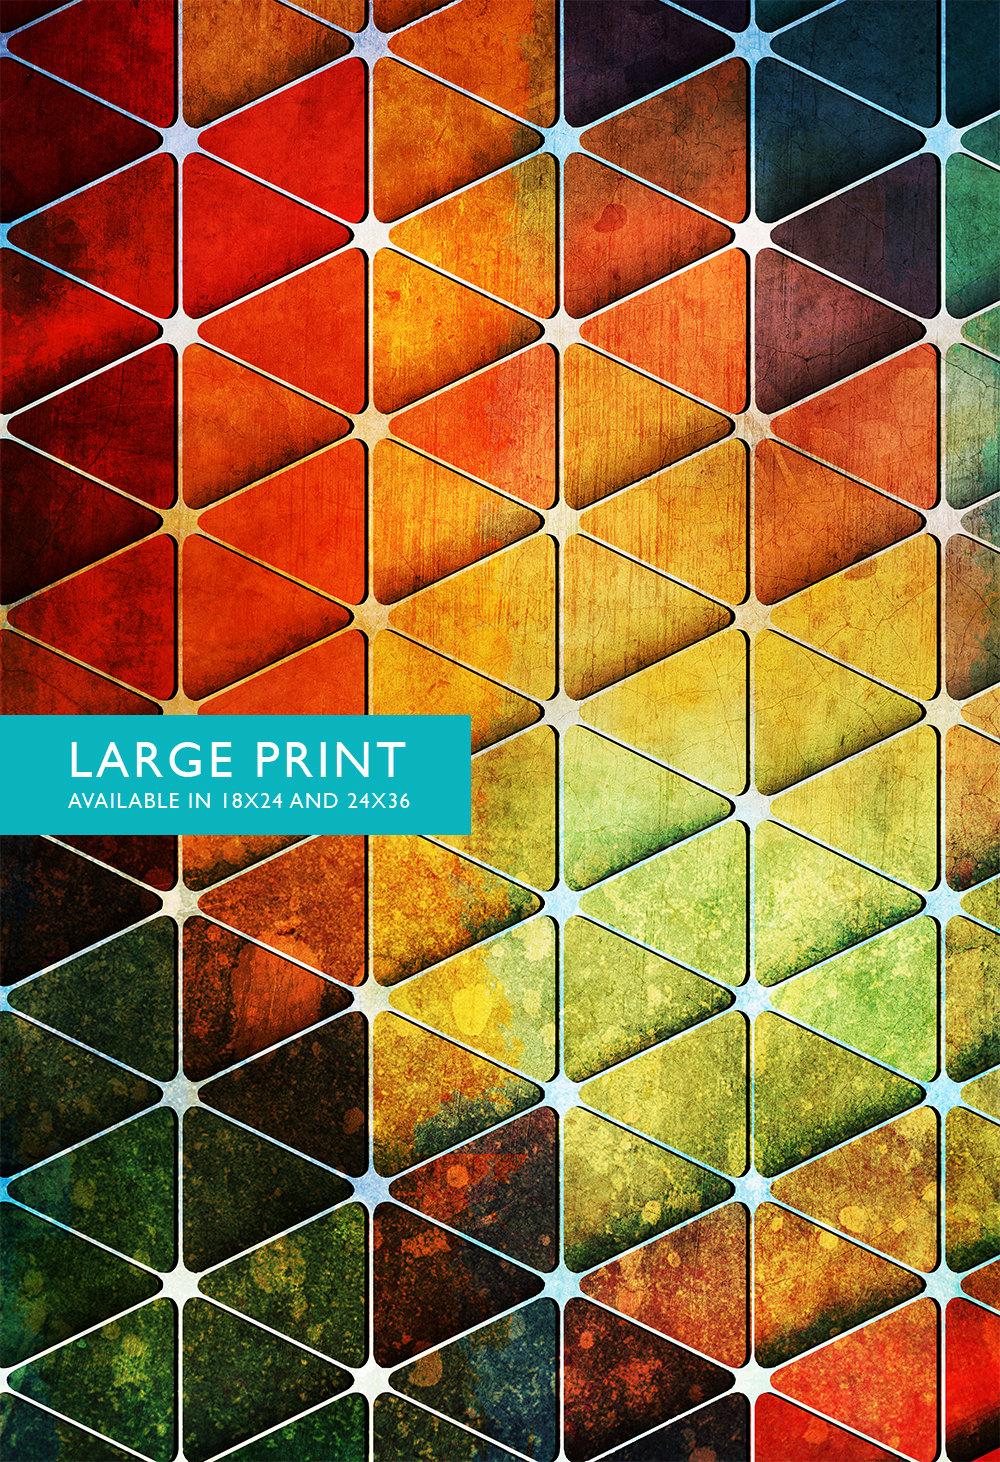 Mid Century Modern Ceiling Light Fixture: Mid Century Modern Vintage Print Geometric Cube Vintage